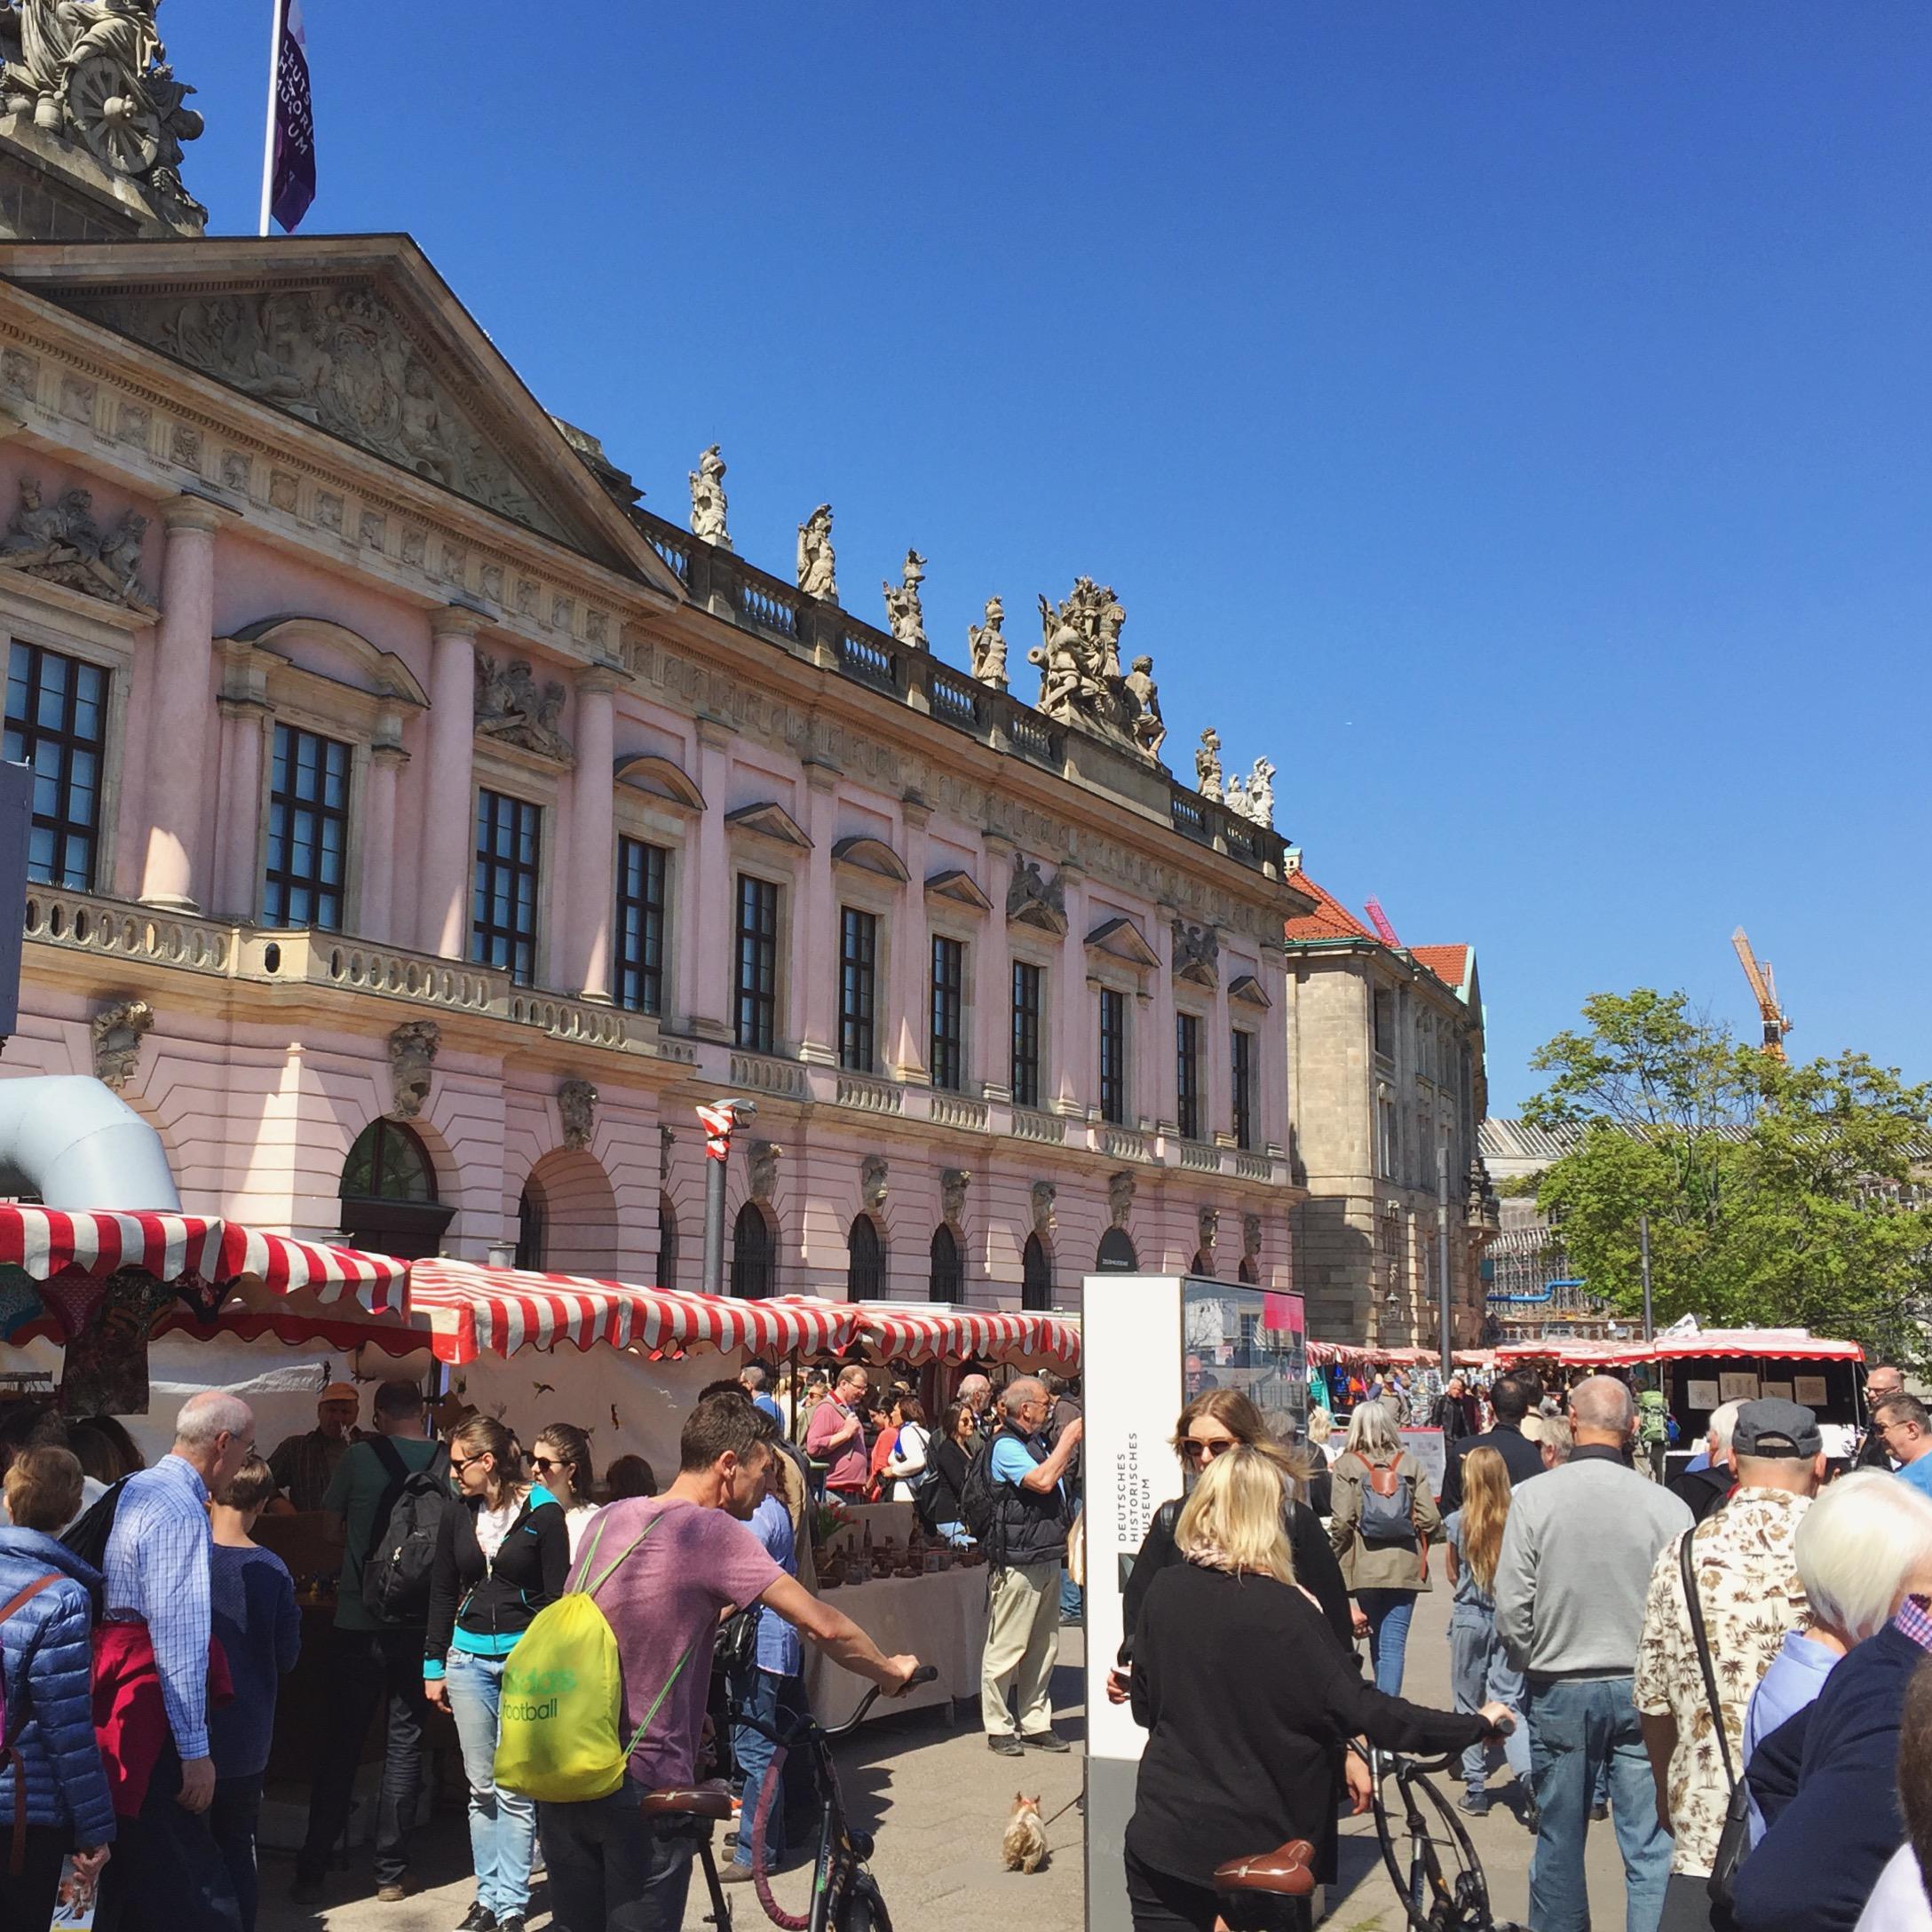 #LikeaTouriinBerlin - Kunstmarkt